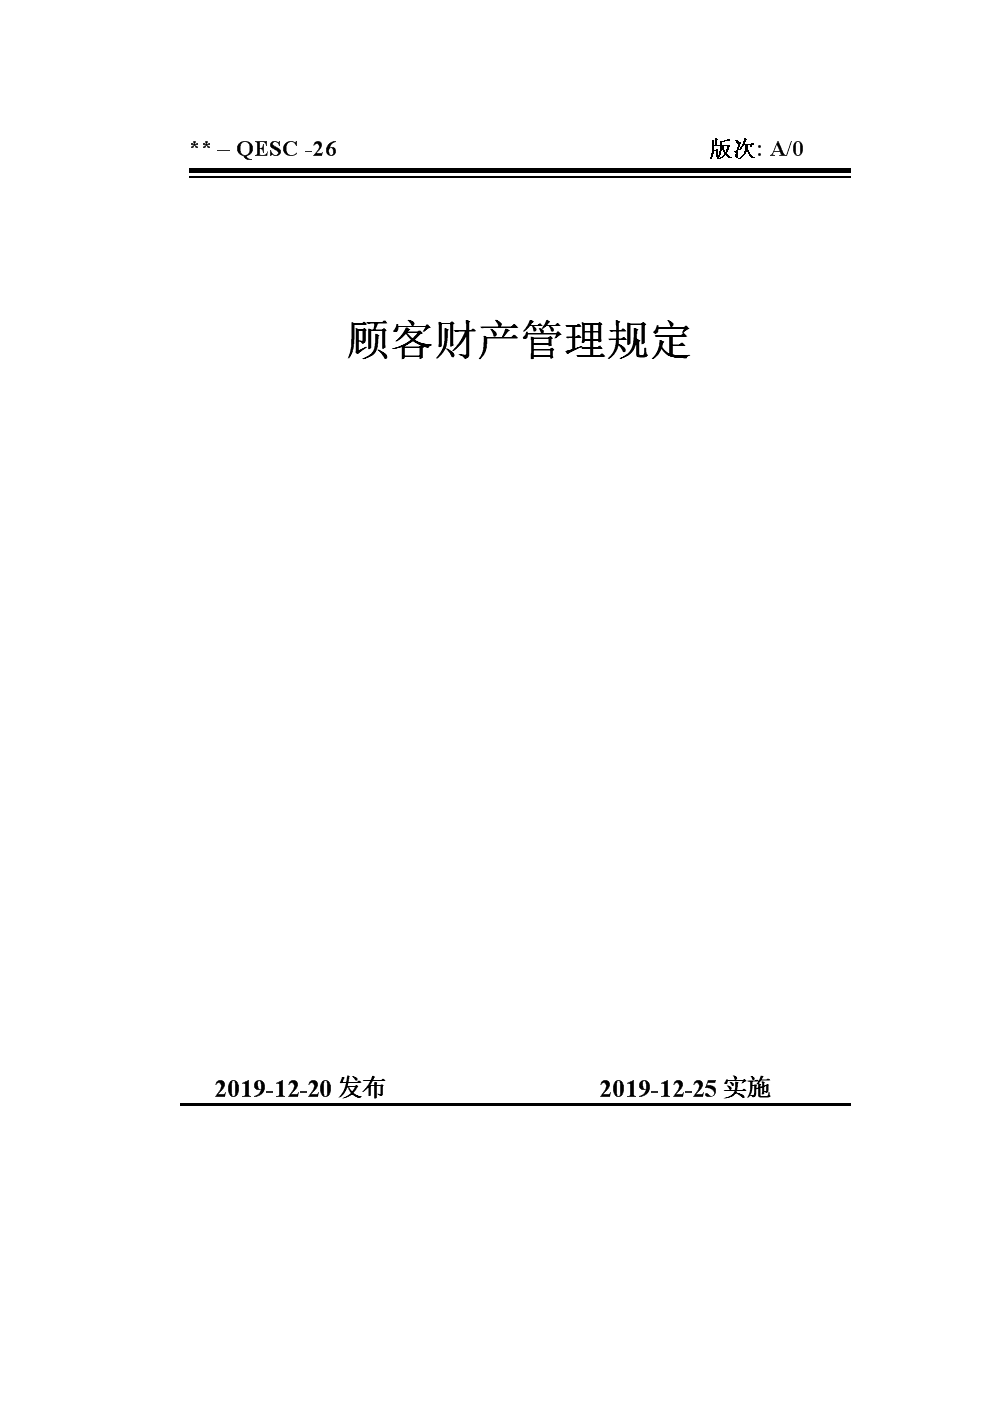 qesc-26顾客财产管理规定(EPC三标体系-作业文件)3-9.doc